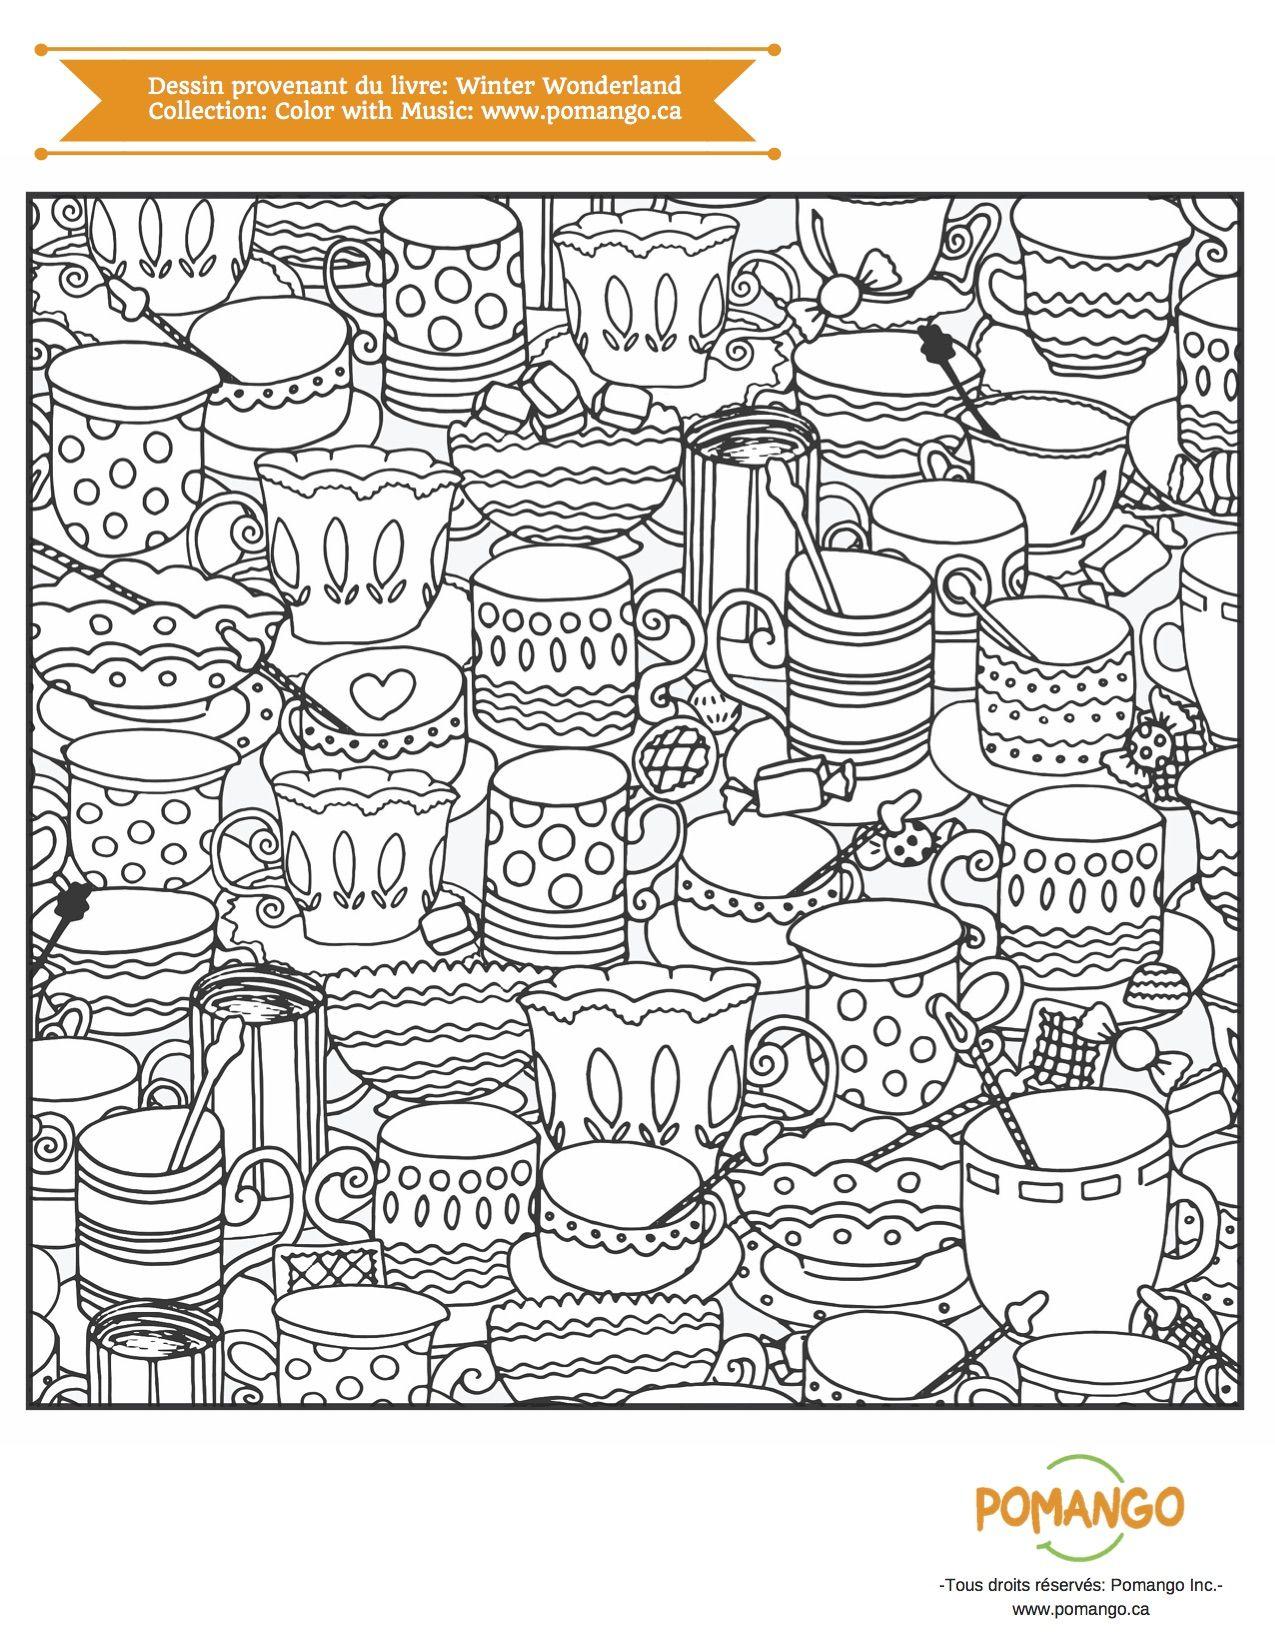 Livre  colorier pour adultes laissez vous inspirer par les magnifiques dessins détaillés illustrant de splendides paysages d hiver